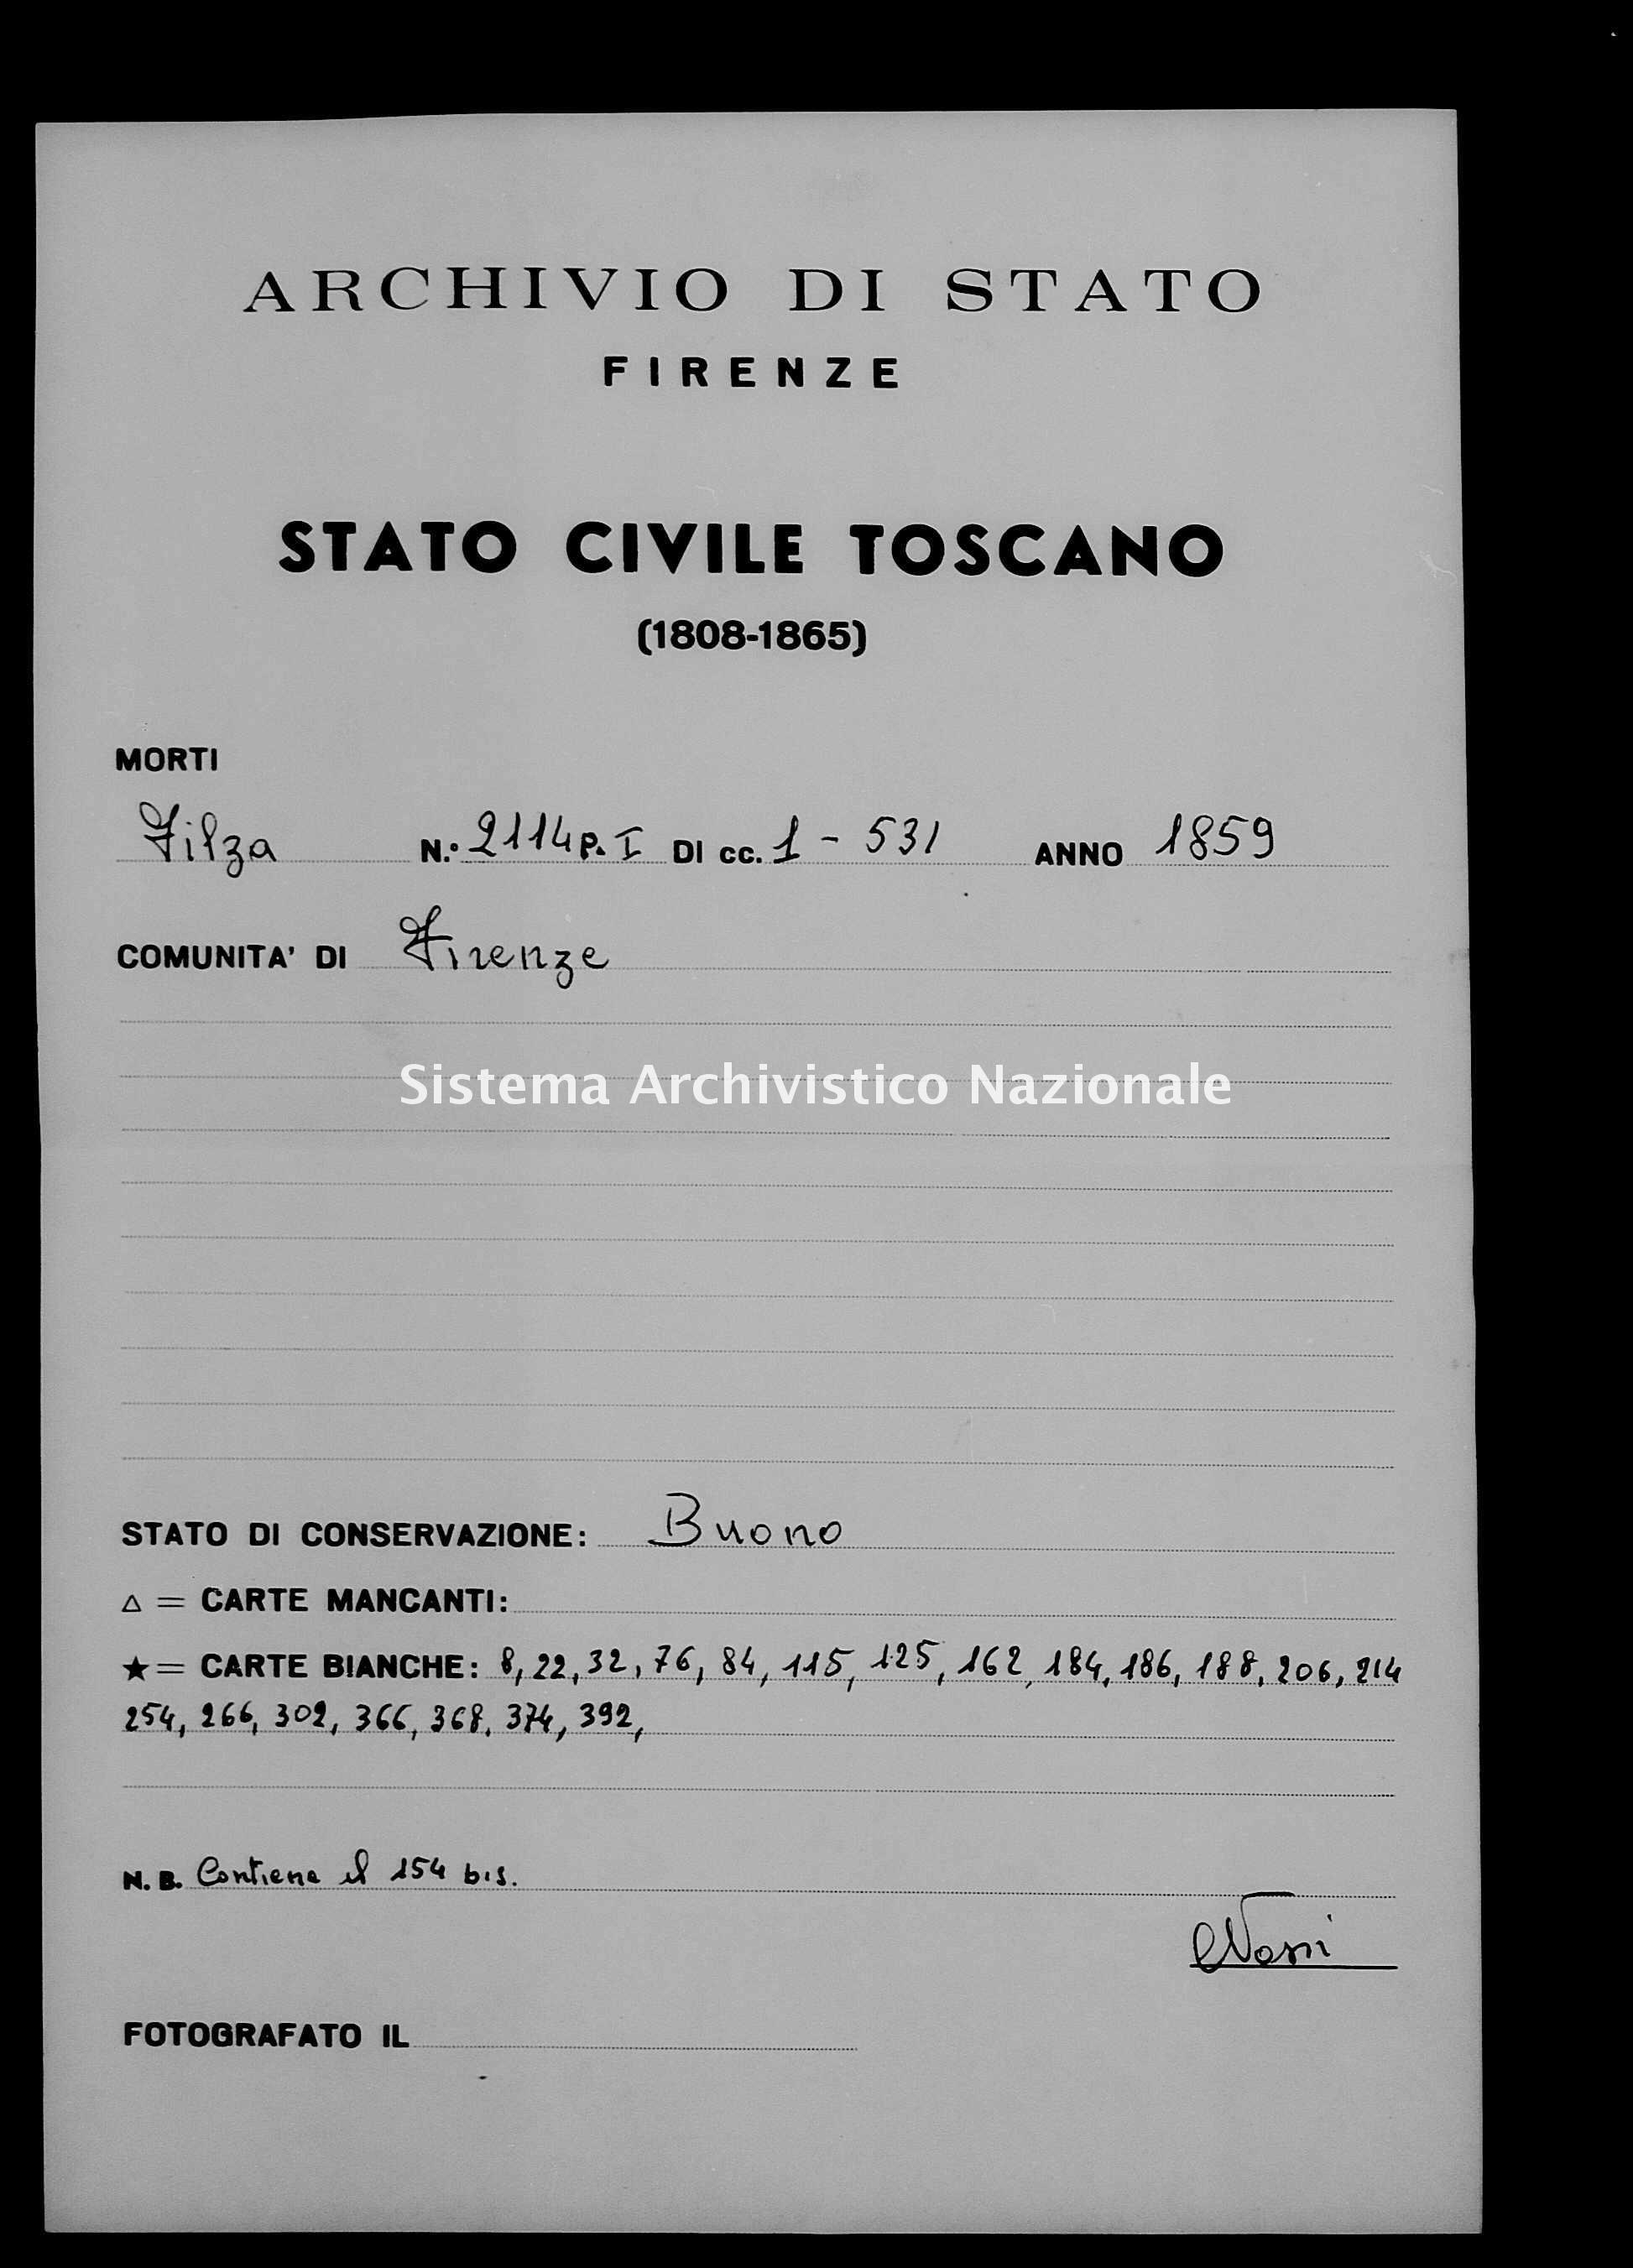 Archivio di stato di Firenze - Stato civile di Toscana (1808-1865) - Firenze - Morti - 1859 - 2114, Parte 1 -